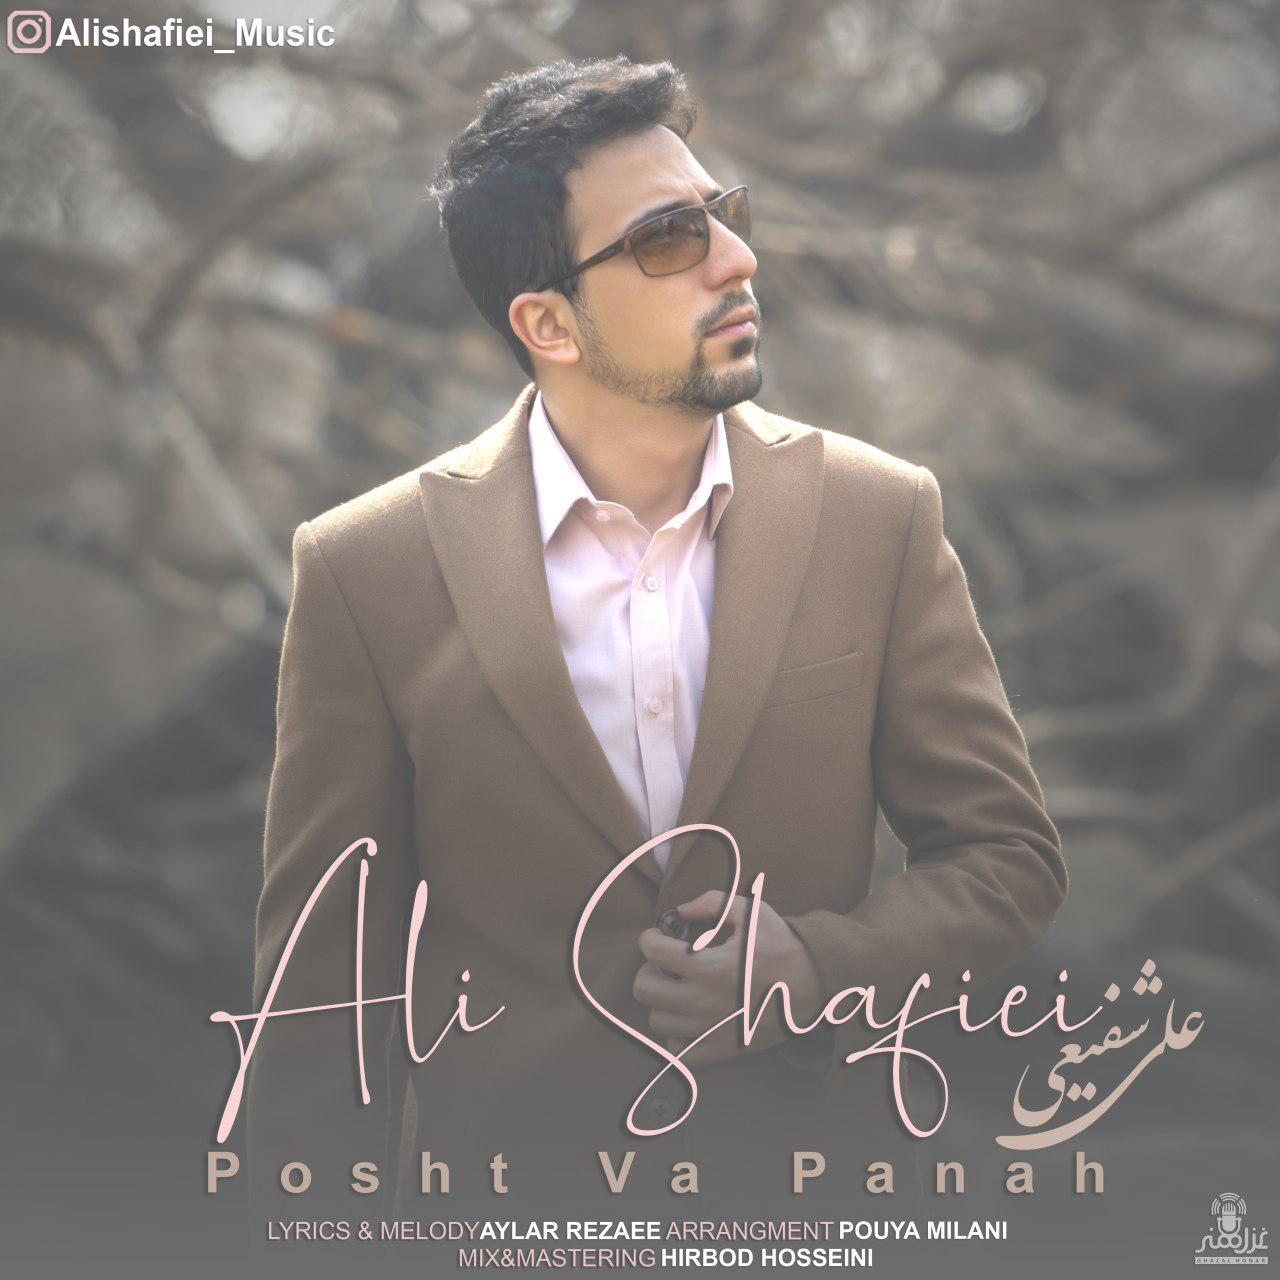 دانلود آهنگ جدید علی شفیعی به نام پشت و پناه